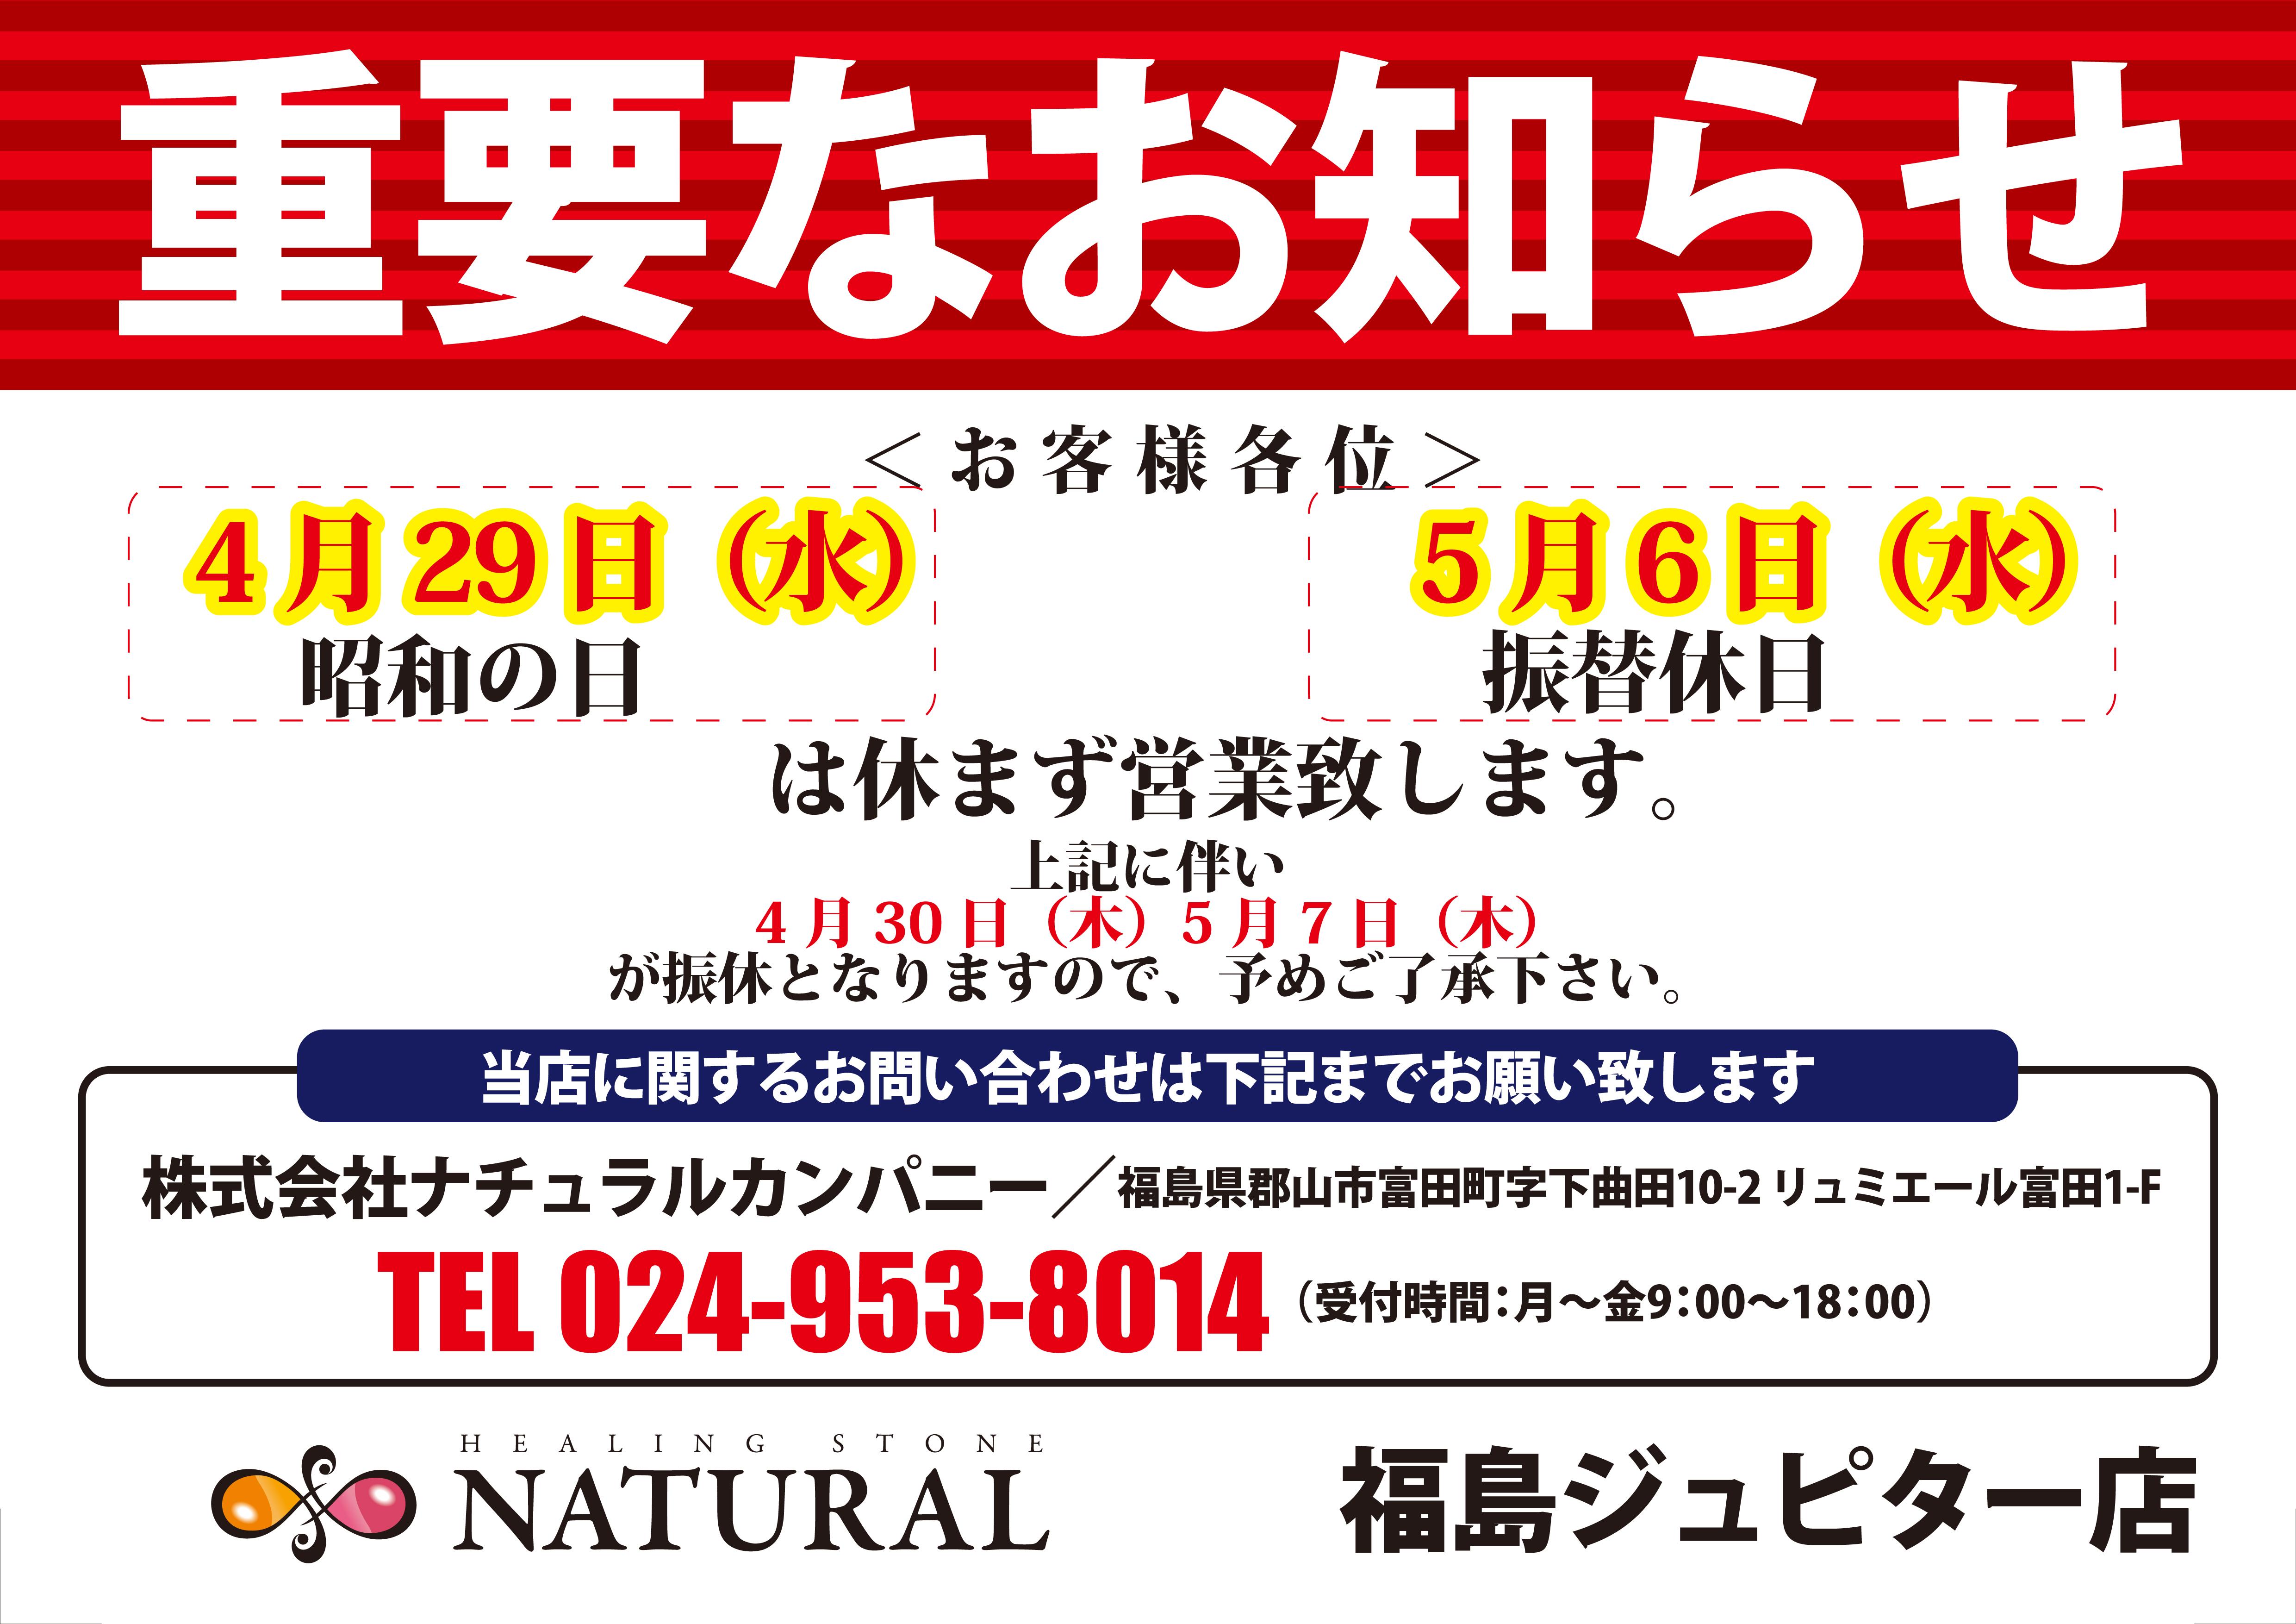 重要のお知らせ 休み営業 福島